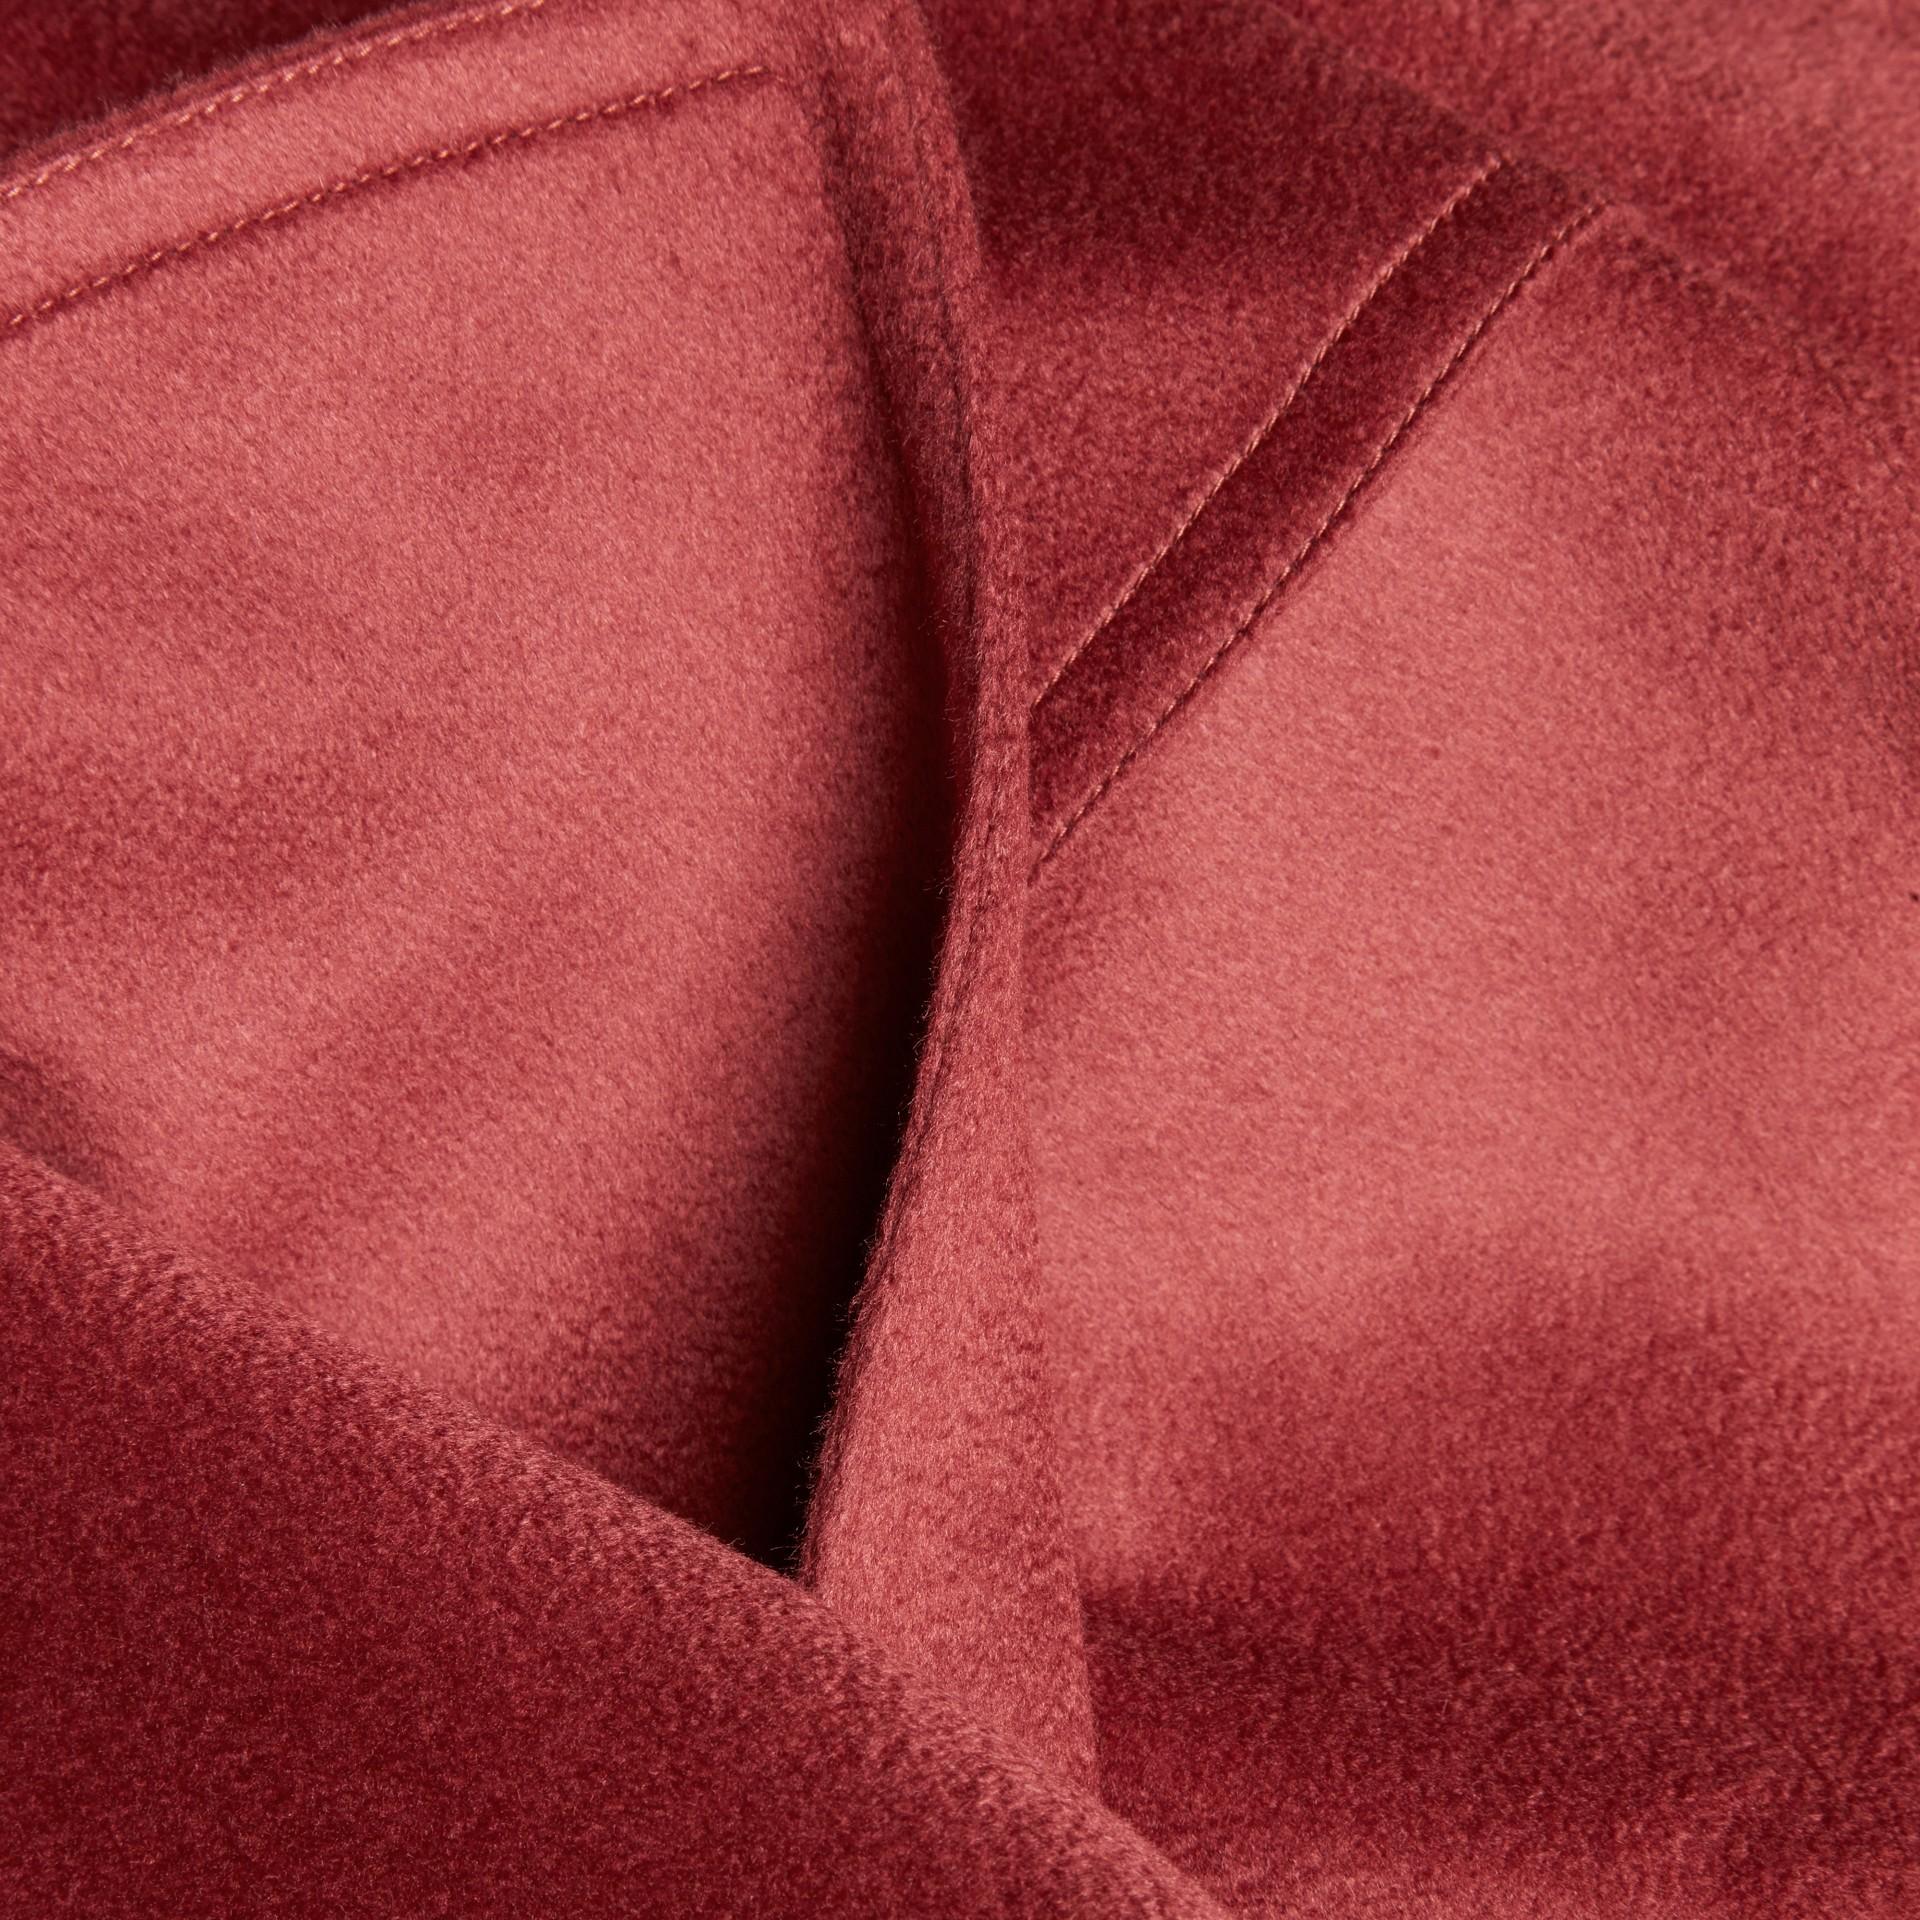 Дымчато-розовый пион Кашемировый тренч с запáхом Дымчато-розовый Пион - изображение 2